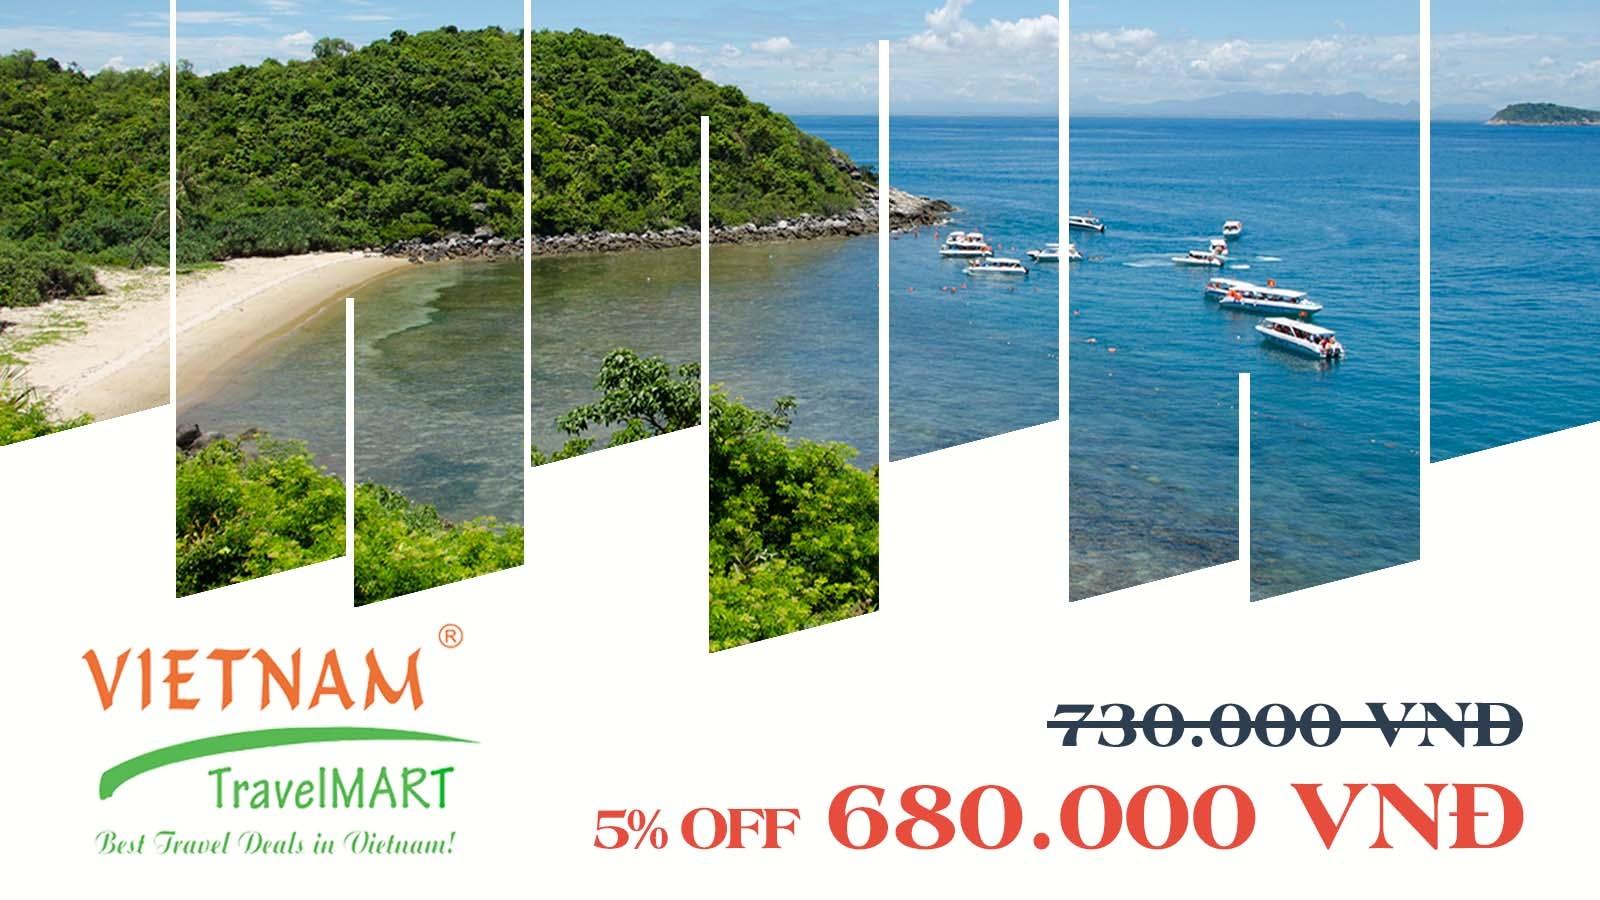 Vietnam TravelMART JSC | 5% off Cham Island daily tour